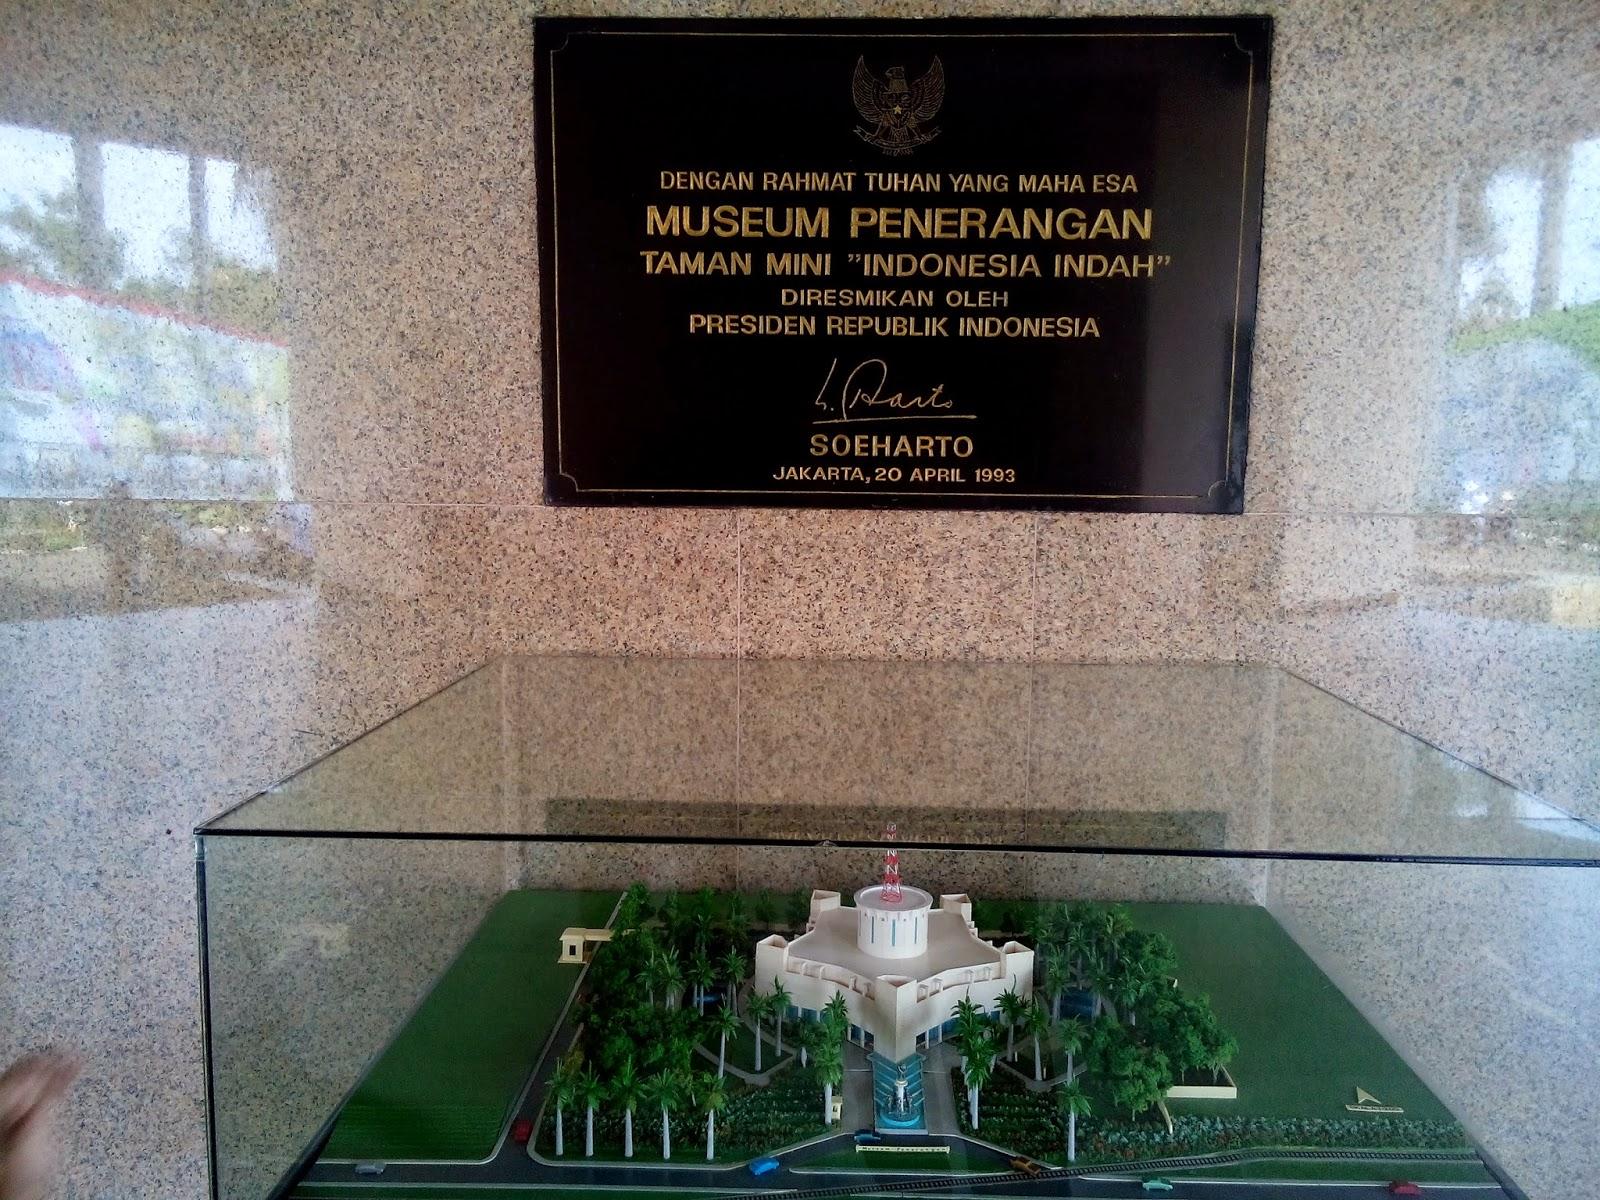 museum, penerangan, taman, mini, indonesia, indah